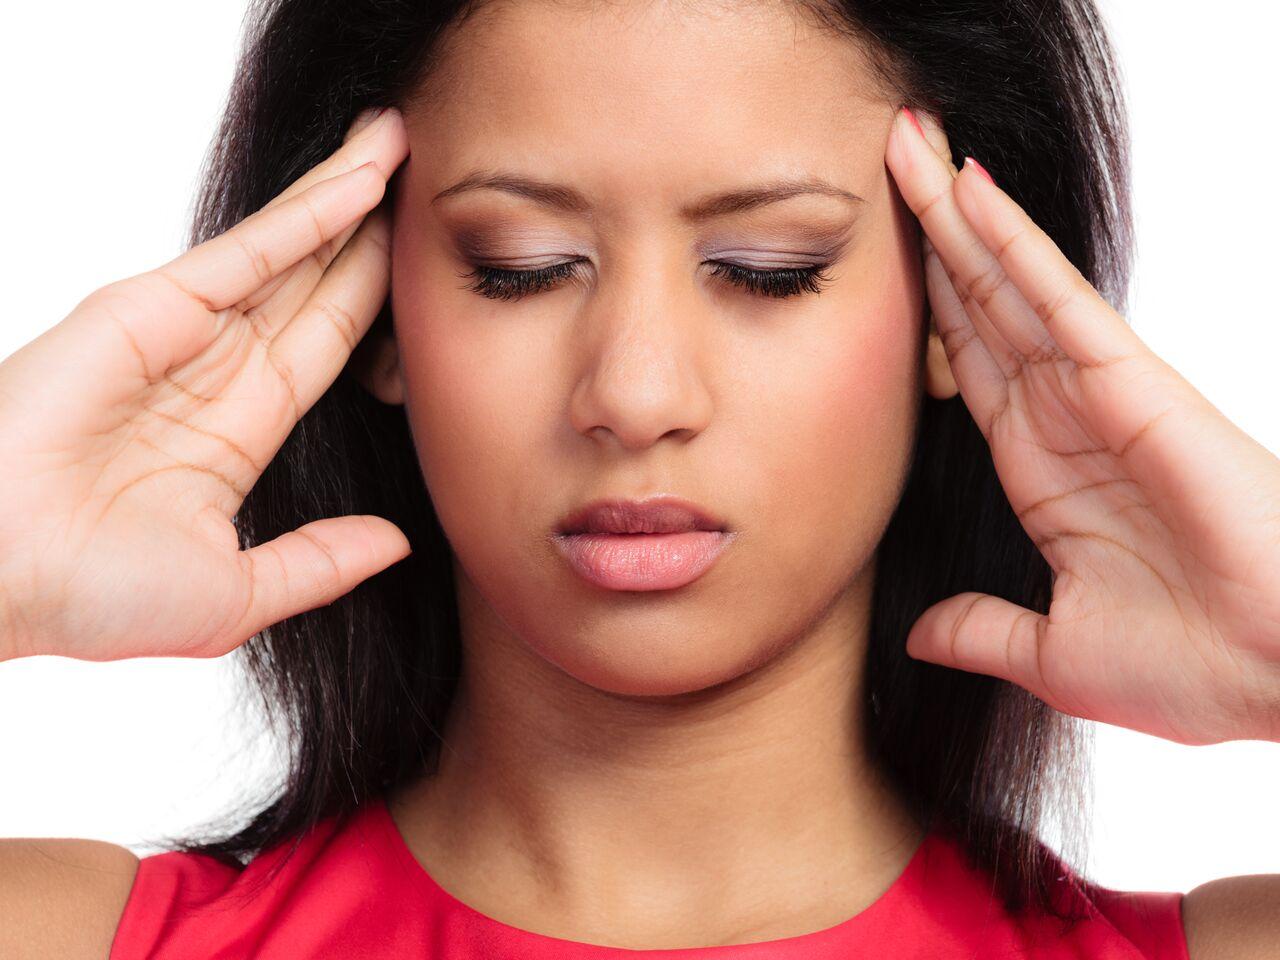 hodepine-bilde